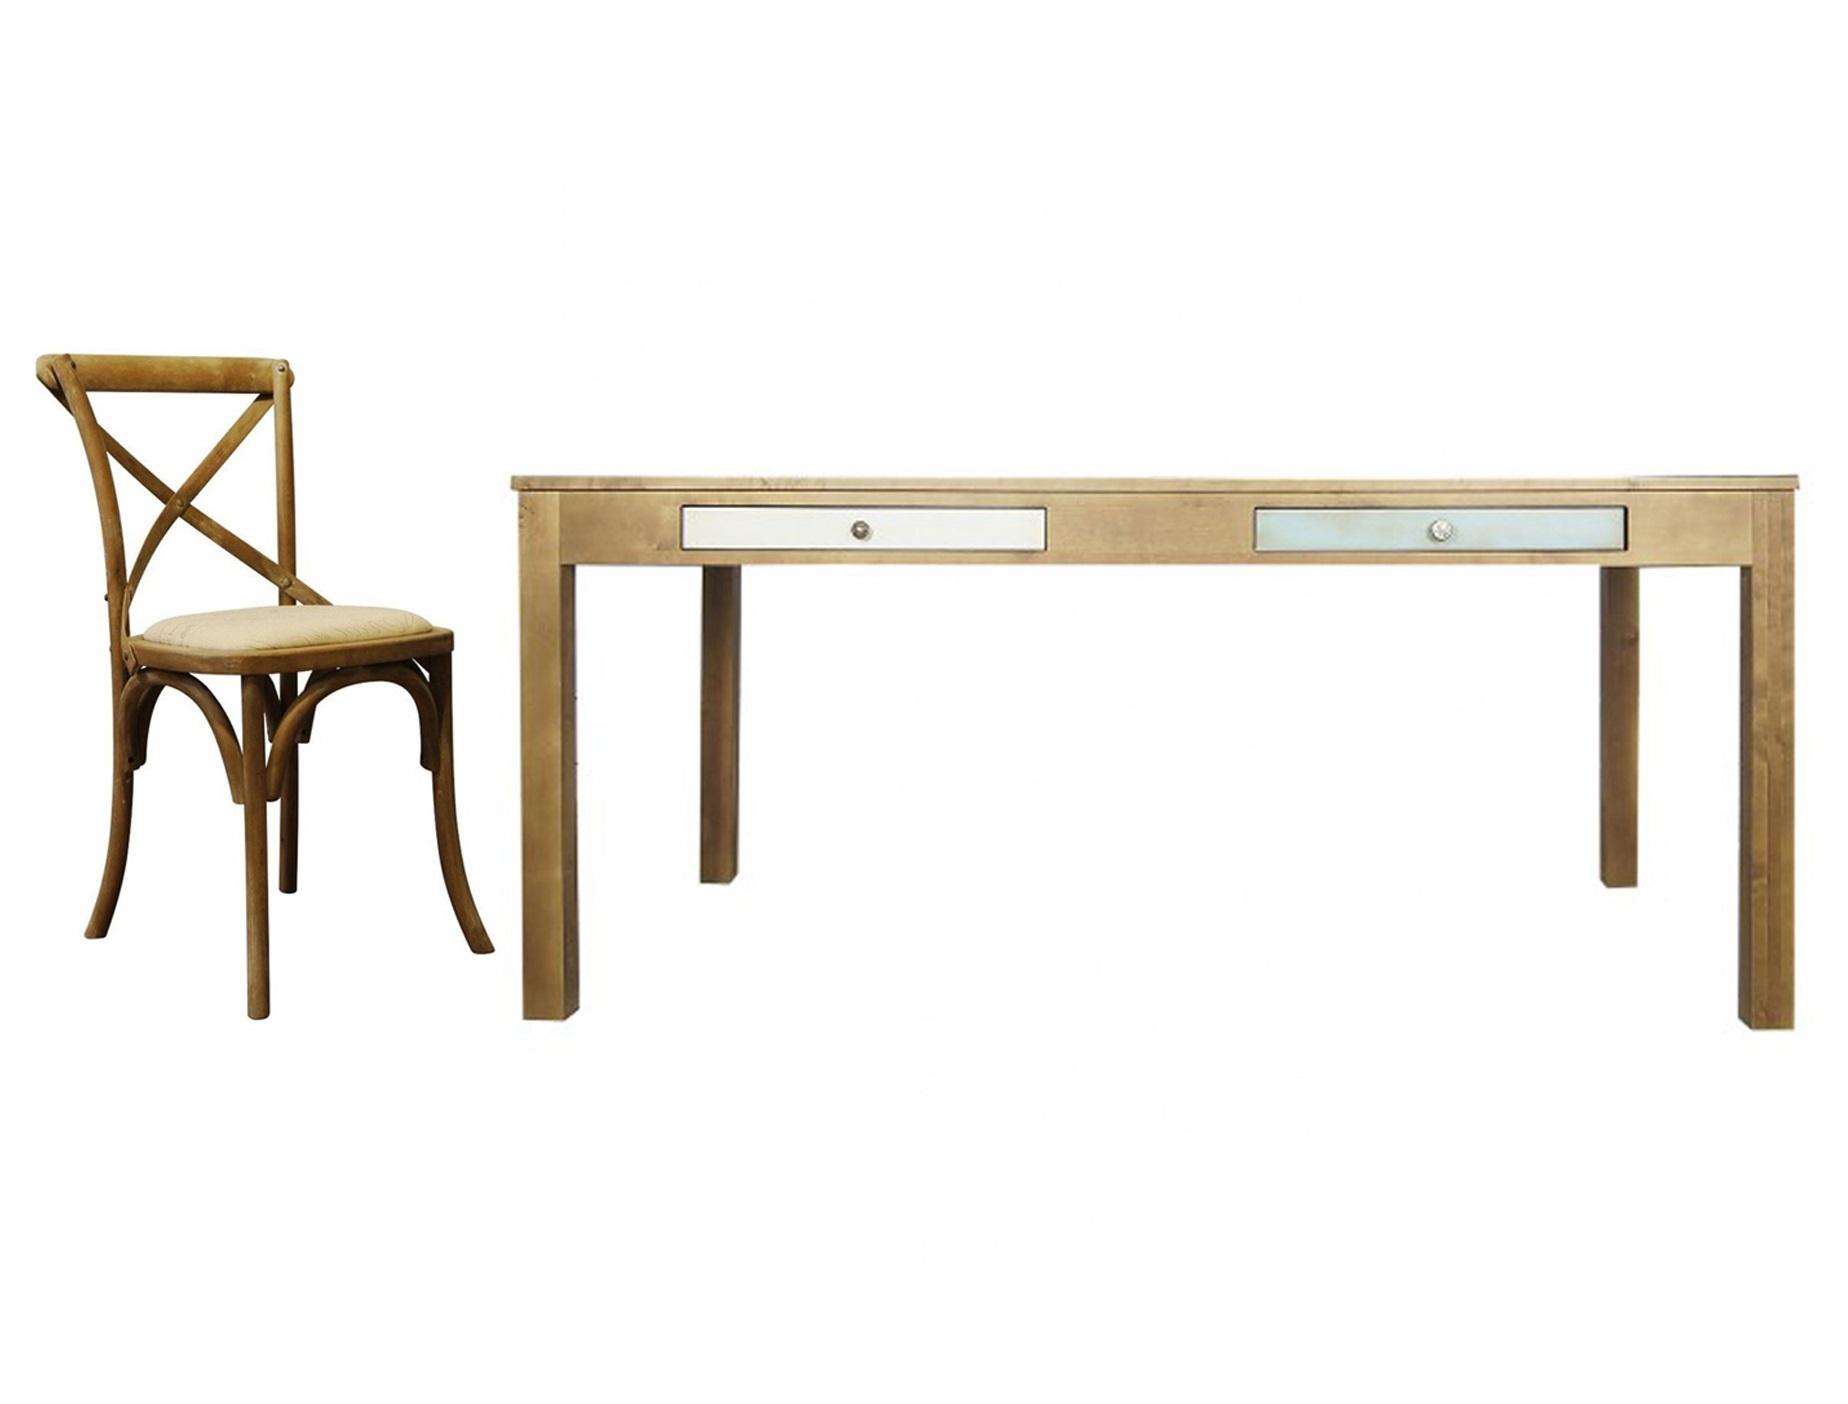 Обеденная группа Aquarelle Birch (стол + 6 стульев)Комплекты для столовой<br>&amp;lt;div&amp;gt;&amp;lt;div&amp;gt;Размеры стола: 175/90/75 см&amp;lt;br&amp;gt;&amp;lt;/div&amp;gt;&amp;lt;div&amp;gt;Материал стола: массив березы&amp;lt;br&amp;gt;&amp;lt;/div&amp;gt;&amp;lt;div&amp;gt;Размеры стула: 50/54/88 см&amp;lt;br&amp;gt;&amp;lt;/div&amp;gt;&amp;lt;div&amp;gt;Материал стула: лен&amp;lt;/div&amp;gt;&amp;lt;div&amp;gt;&amp;lt;br&amp;gt;&amp;lt;/div&amp;gt;&amp;lt;div&amp;gt;&amp;lt;br&amp;gt;&amp;lt;/div&amp;gt;&amp;lt;div&amp;gt;&amp;lt;br&amp;gt;&amp;lt;/div&amp;gt;&amp;lt;/div&amp;gt;<br><br>Material: Береза<br>Width см: 175<br>Depth см: 90<br>Height см: 75